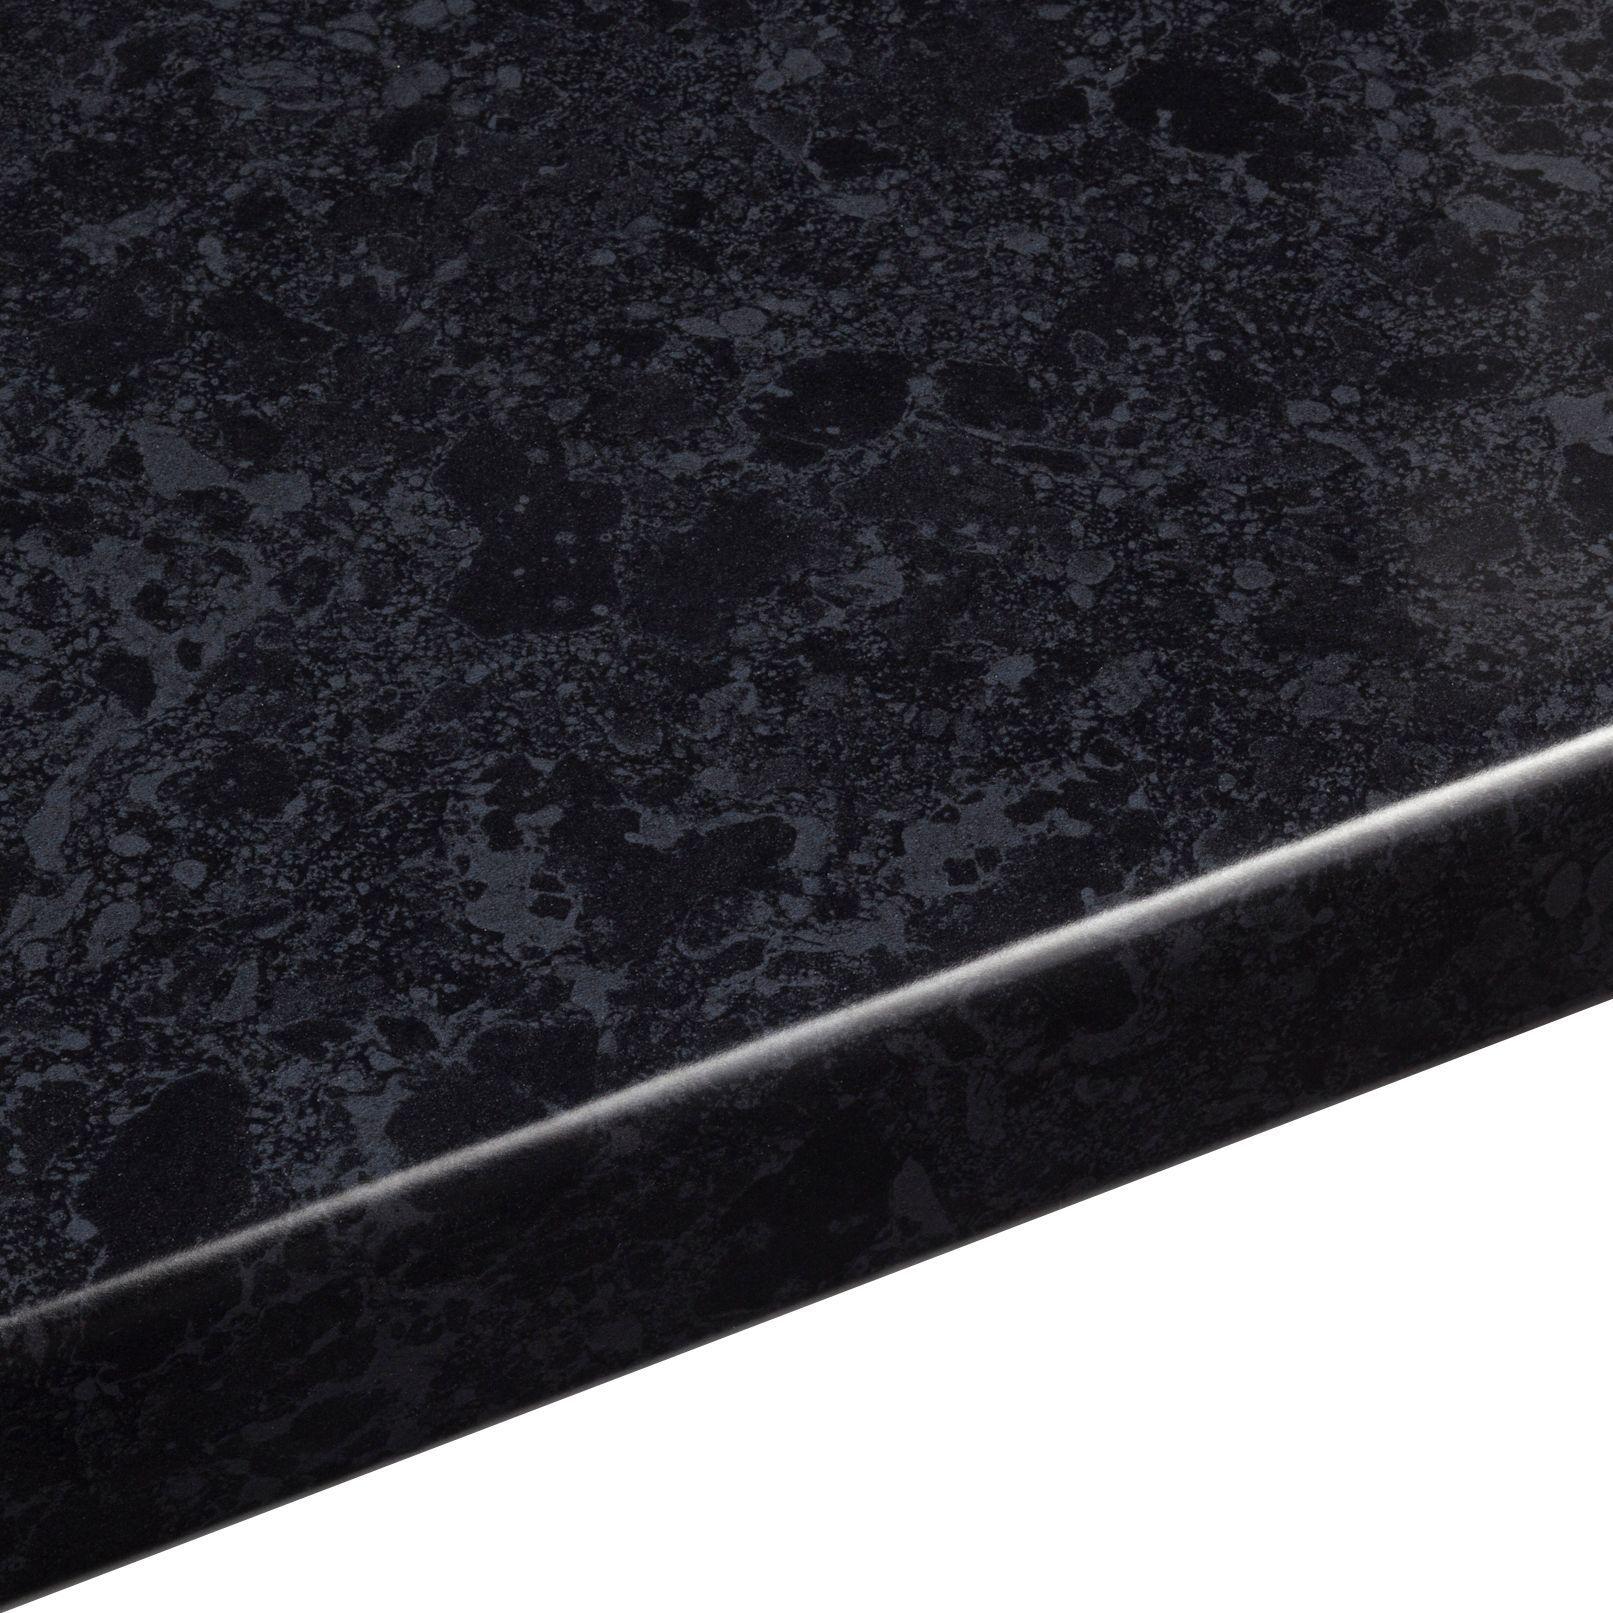 38mm B Amp Q Midnight Granite Gloss Black Gloss Granite Effect